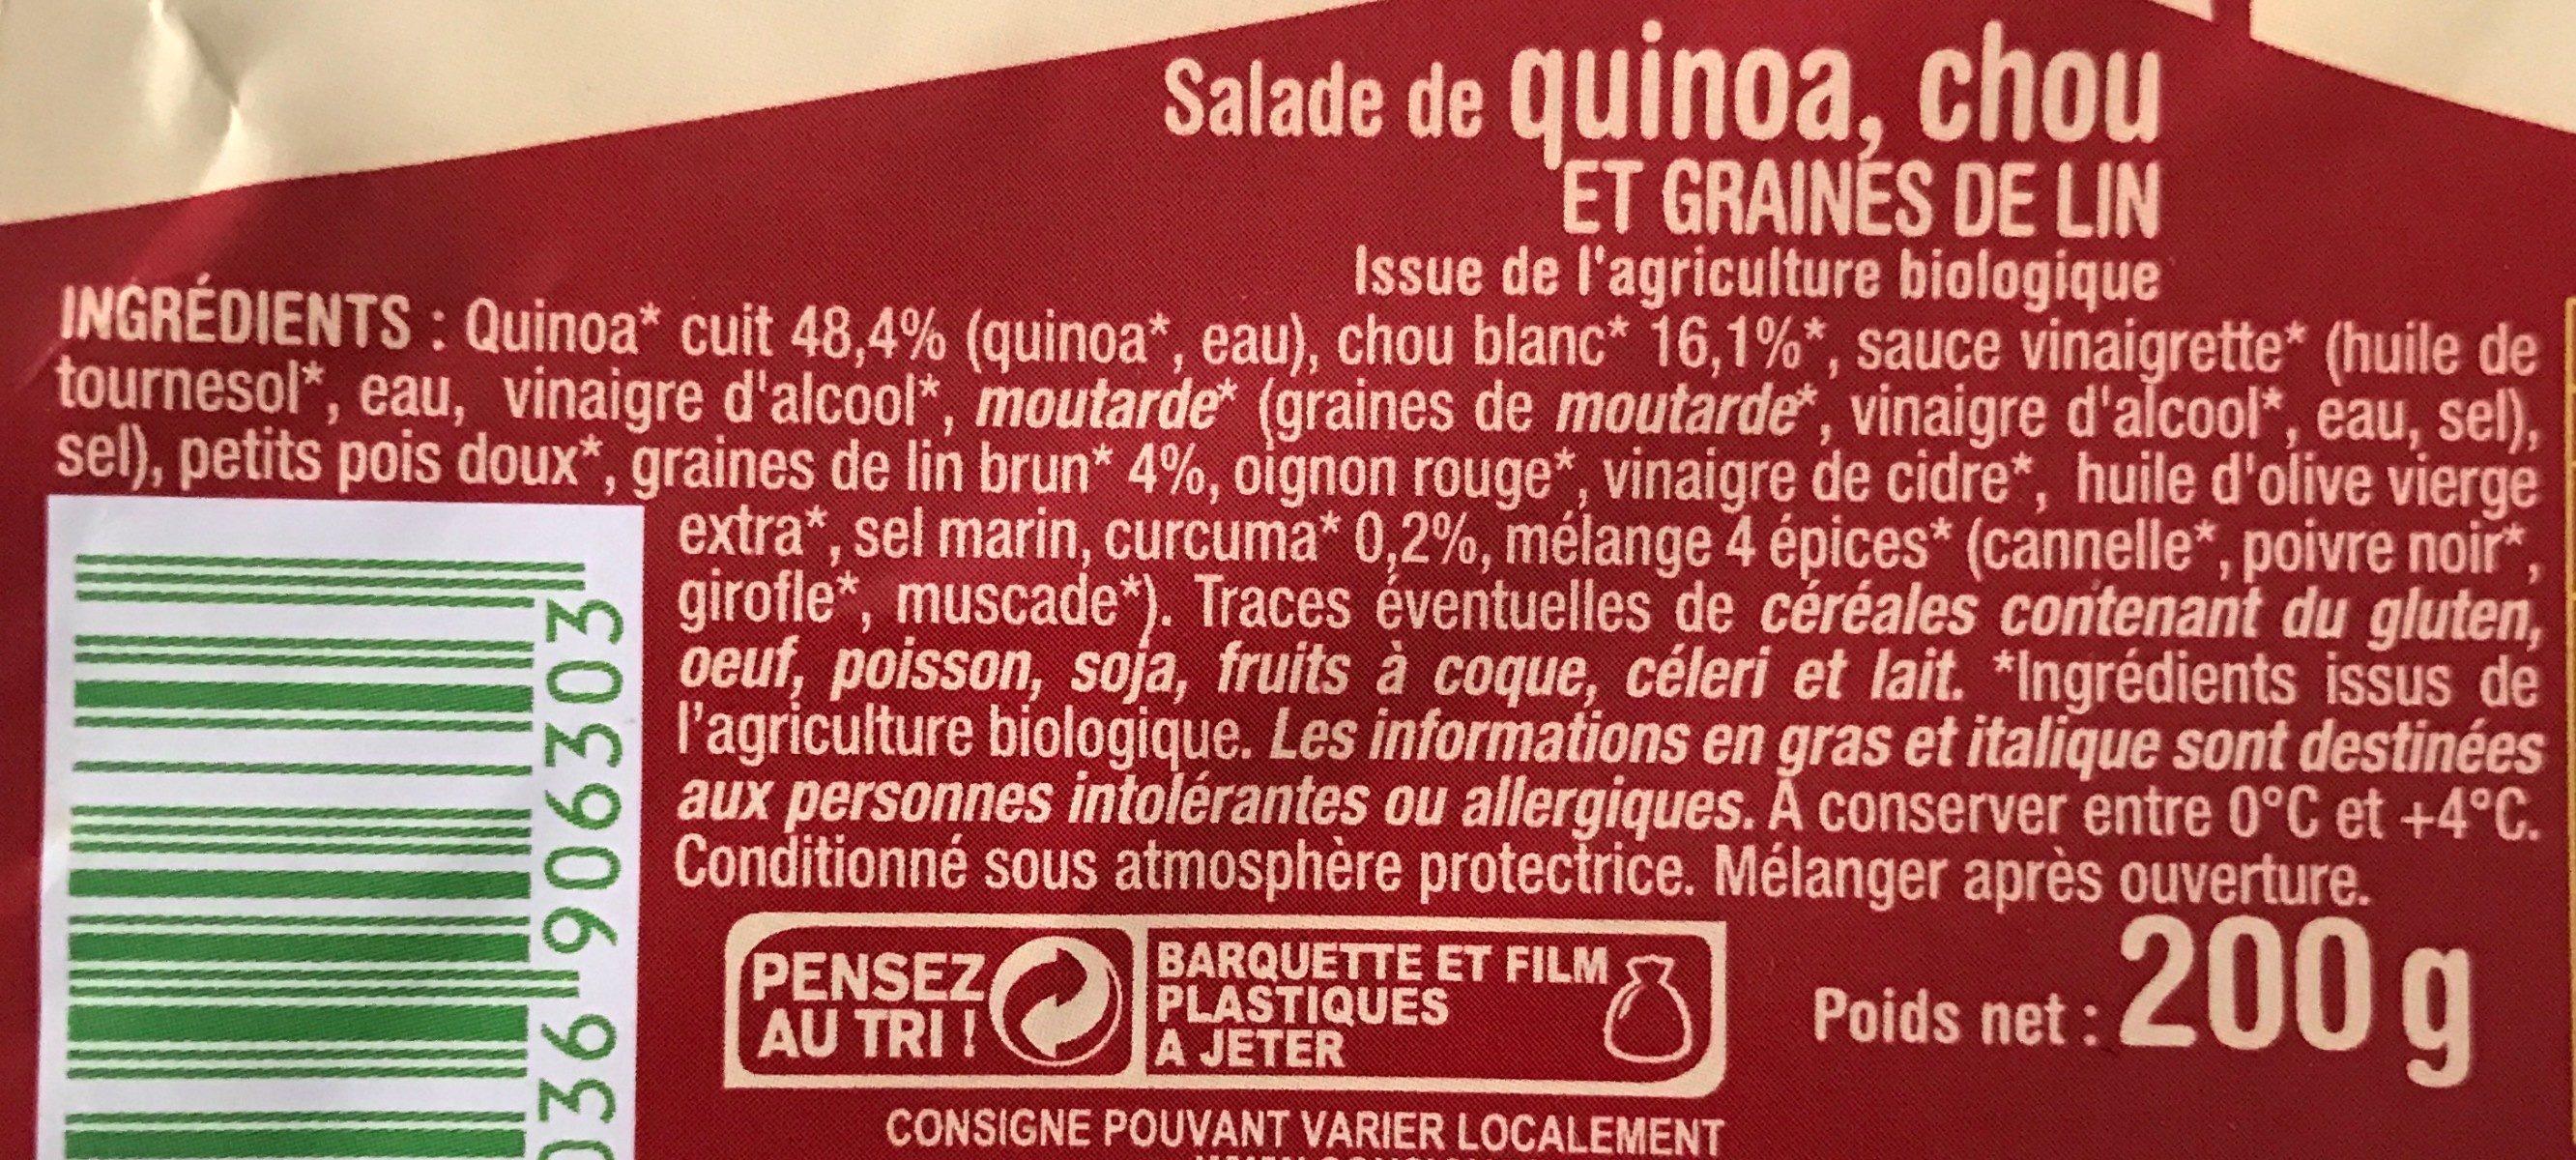 Salade de quinoa, chou et graines de lin - Ingredients